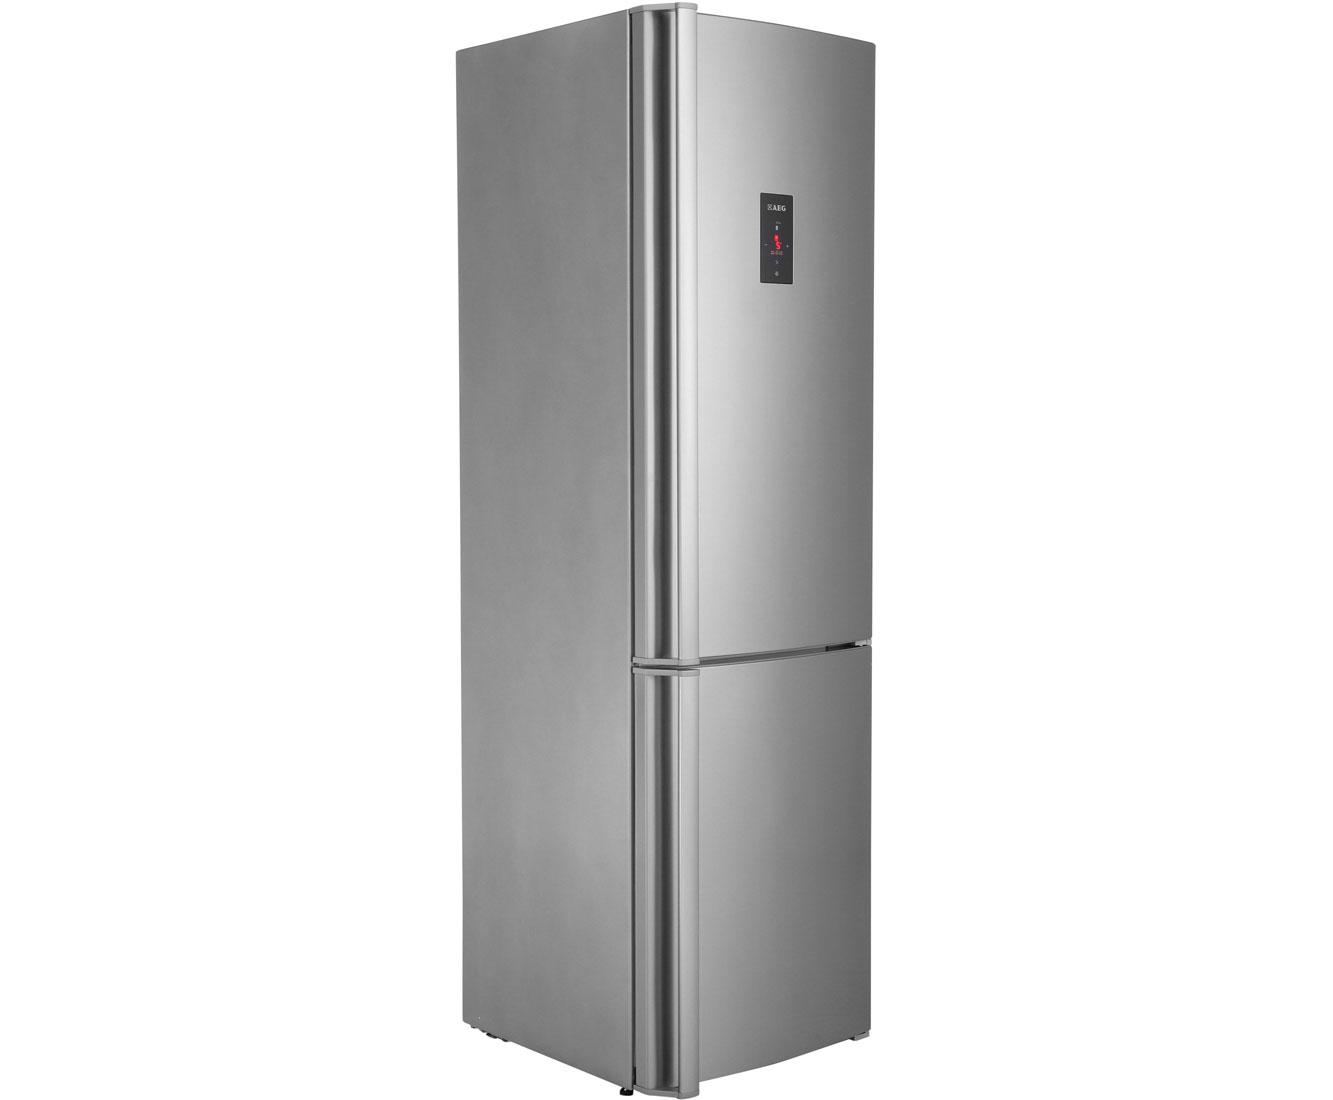 Aeg Kühlschrank Santo Temperatur Einstellen : Aeg santo s93930cmxf kühl gefrierkombination mit no frost 60er